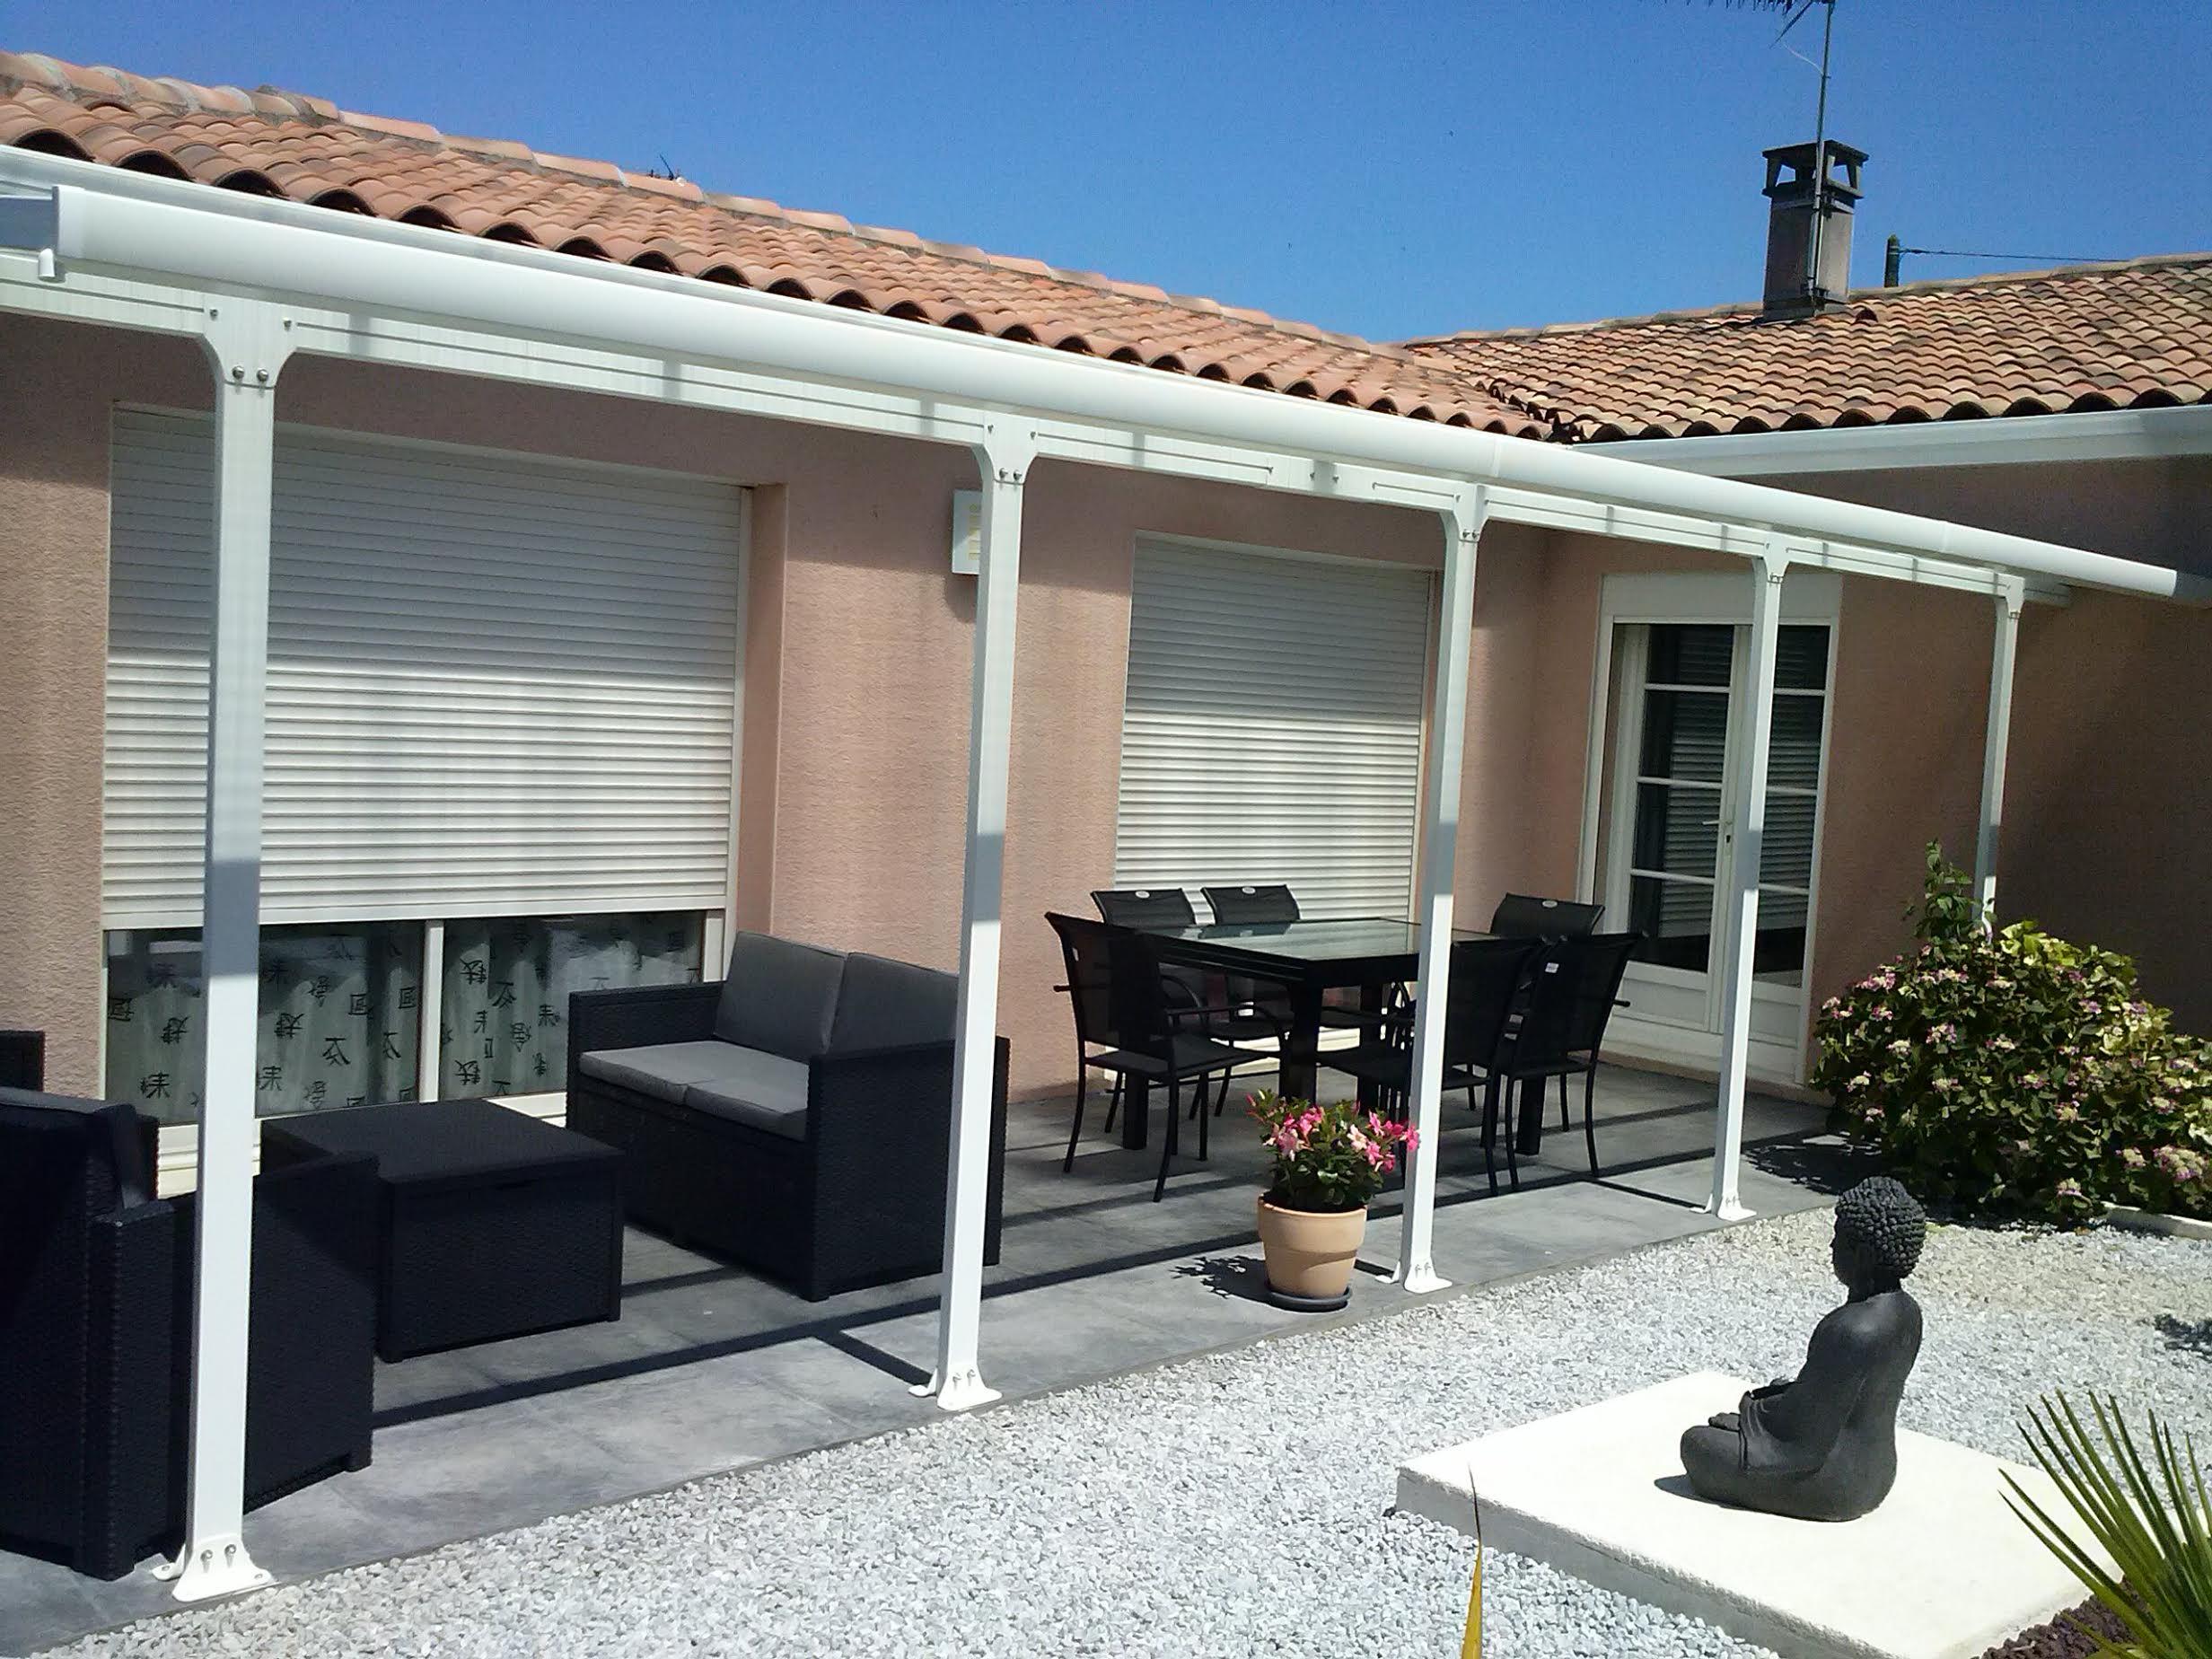 L aluminium la solution parfaite pour les toits terrasses for Comabri terrasse alu polycarbonate